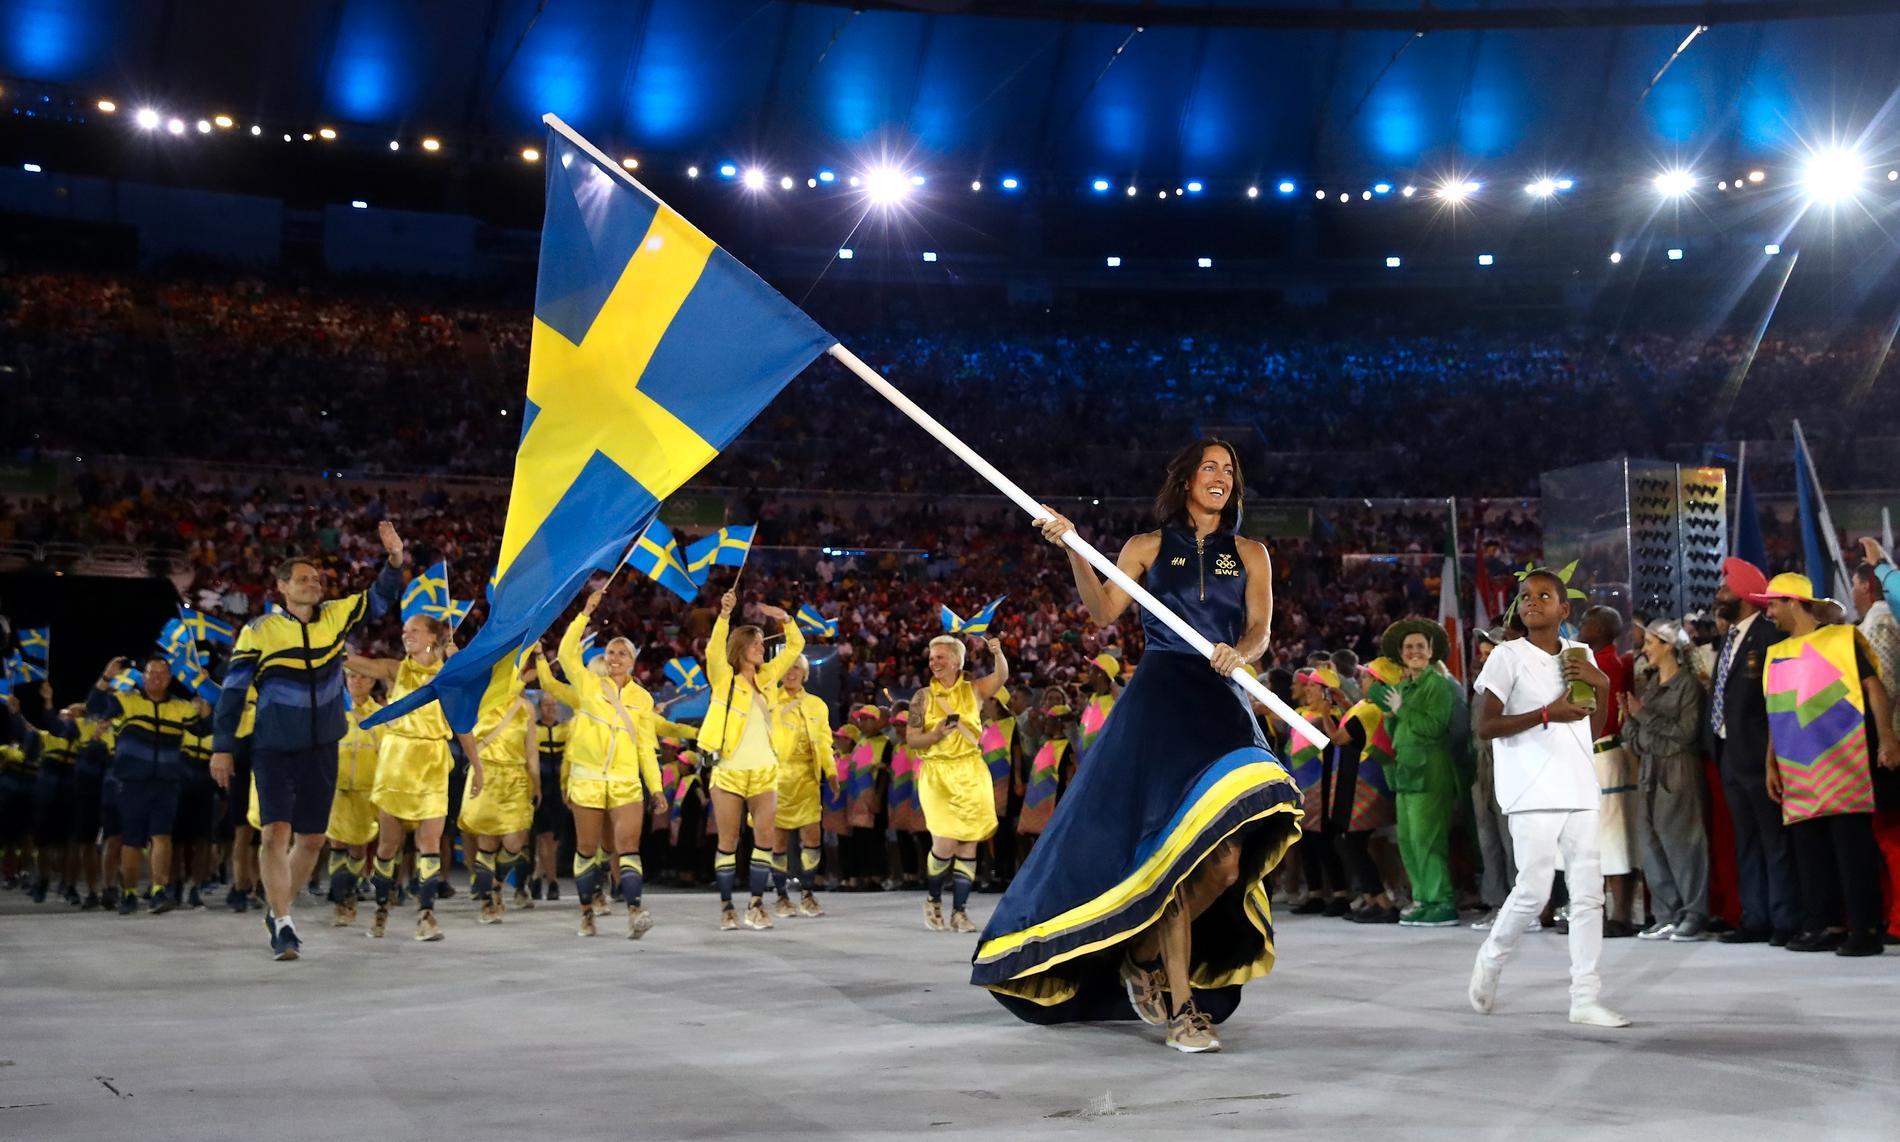 2016 var Therese Alshammar fanbärare för Sverige i Rio.